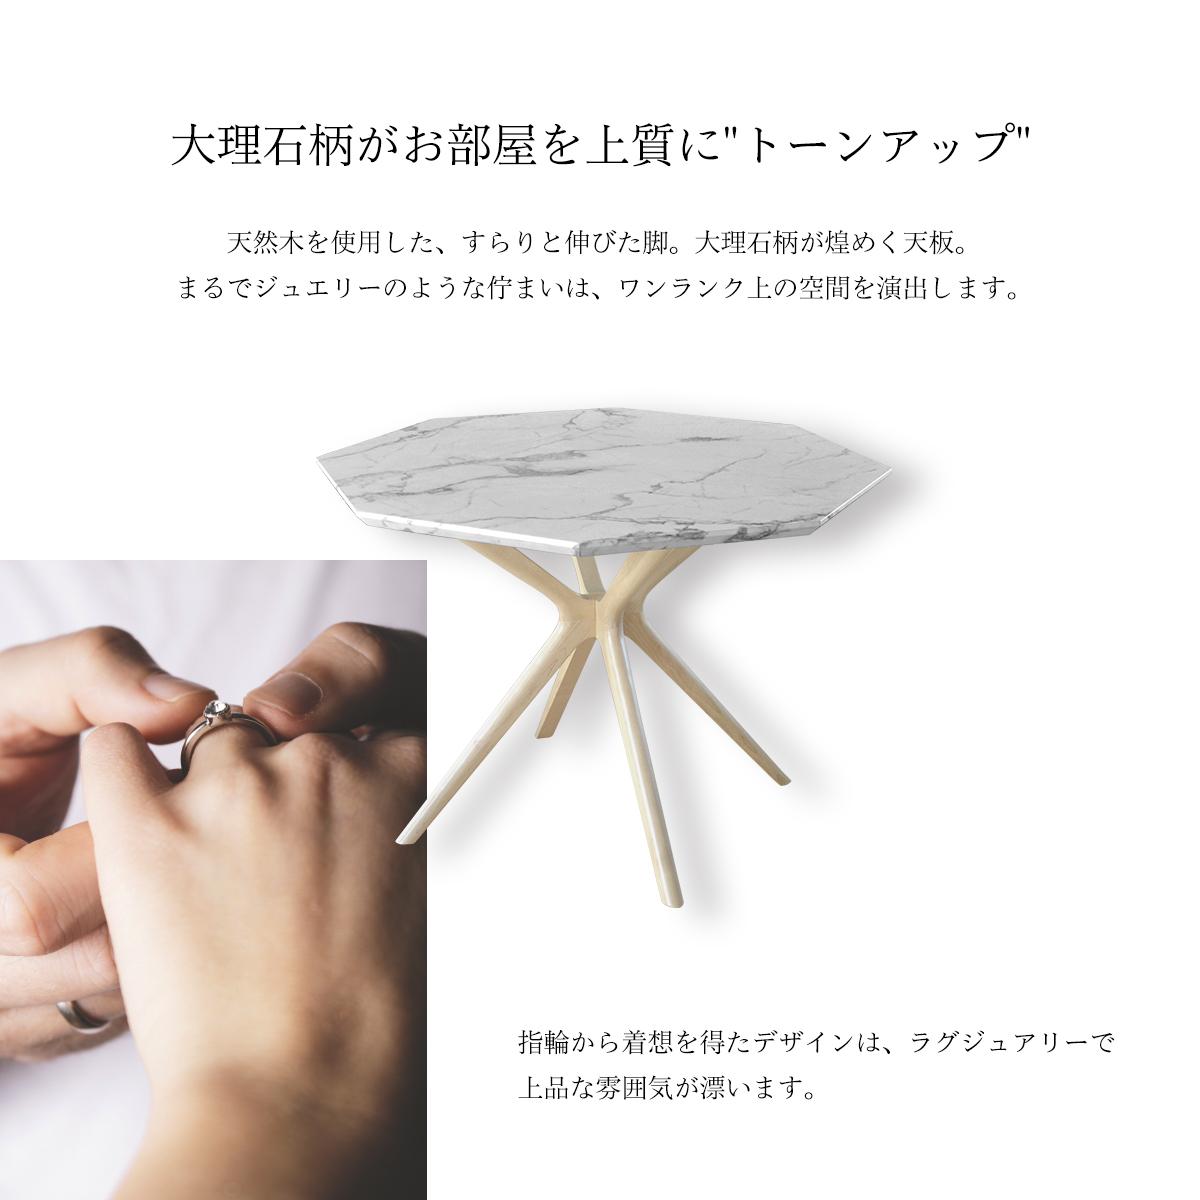 Collet ダイニングテーブル 幅110